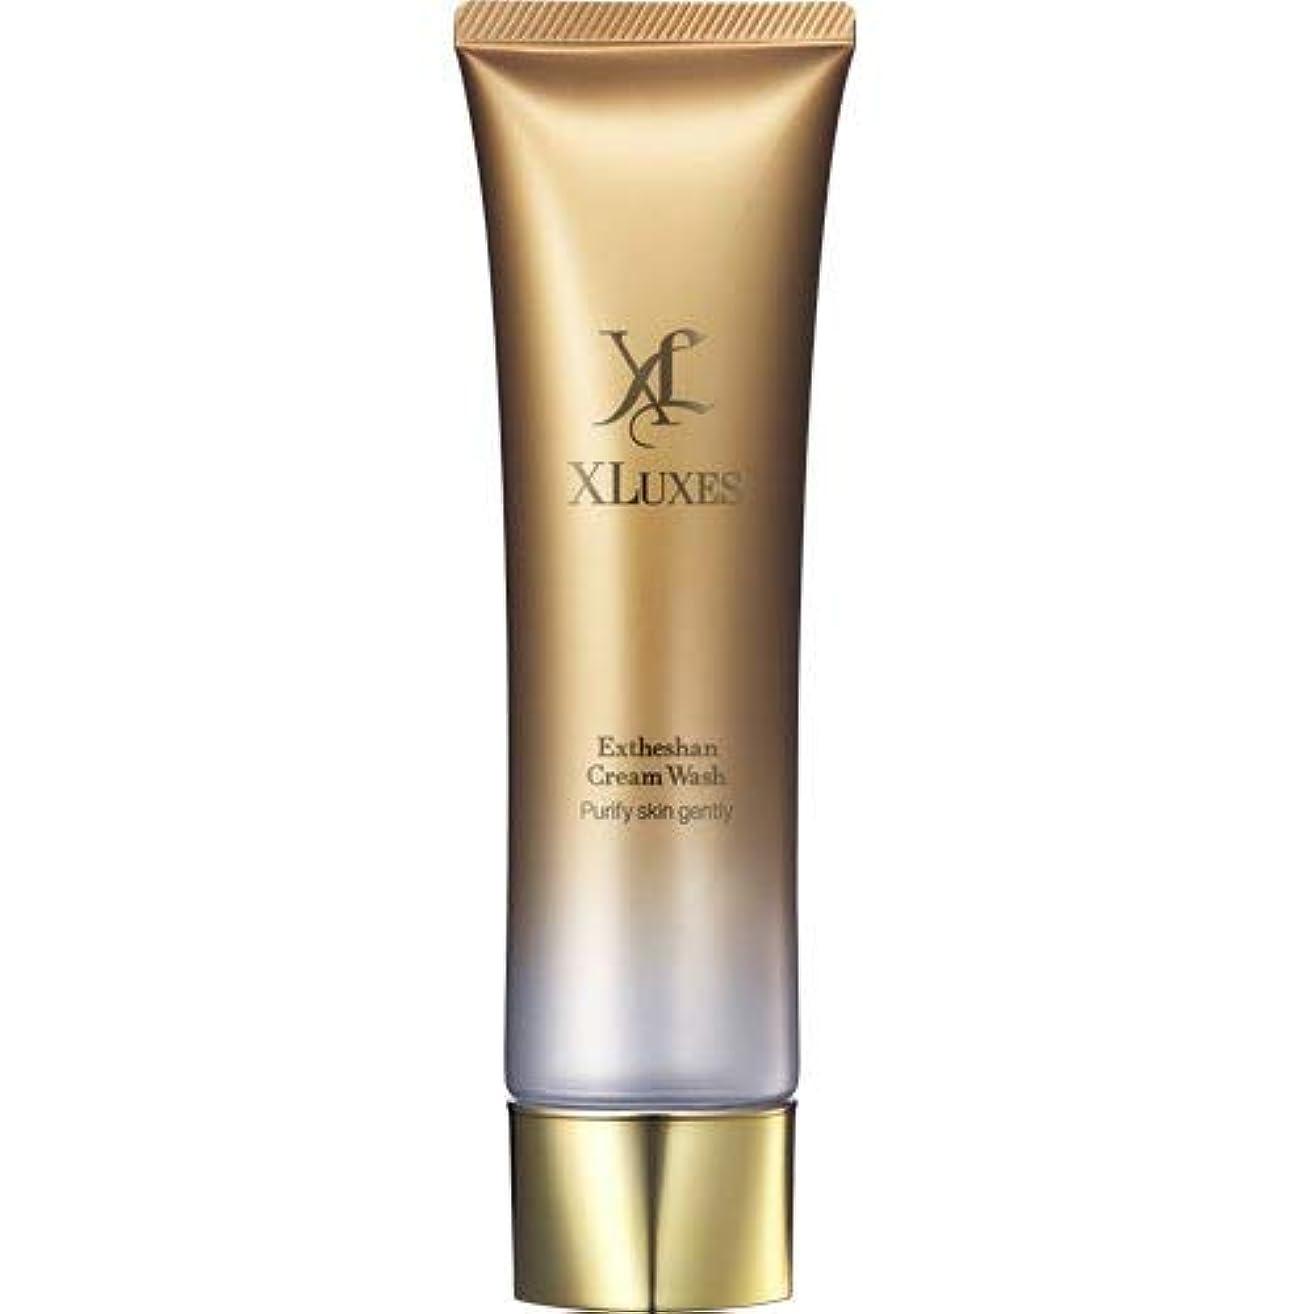 不適切なパターンロマンスXLUXES スキンケア洗顔料 ヒト幹細胞培養液配合 エグゼティシャン クリームウォッシュ